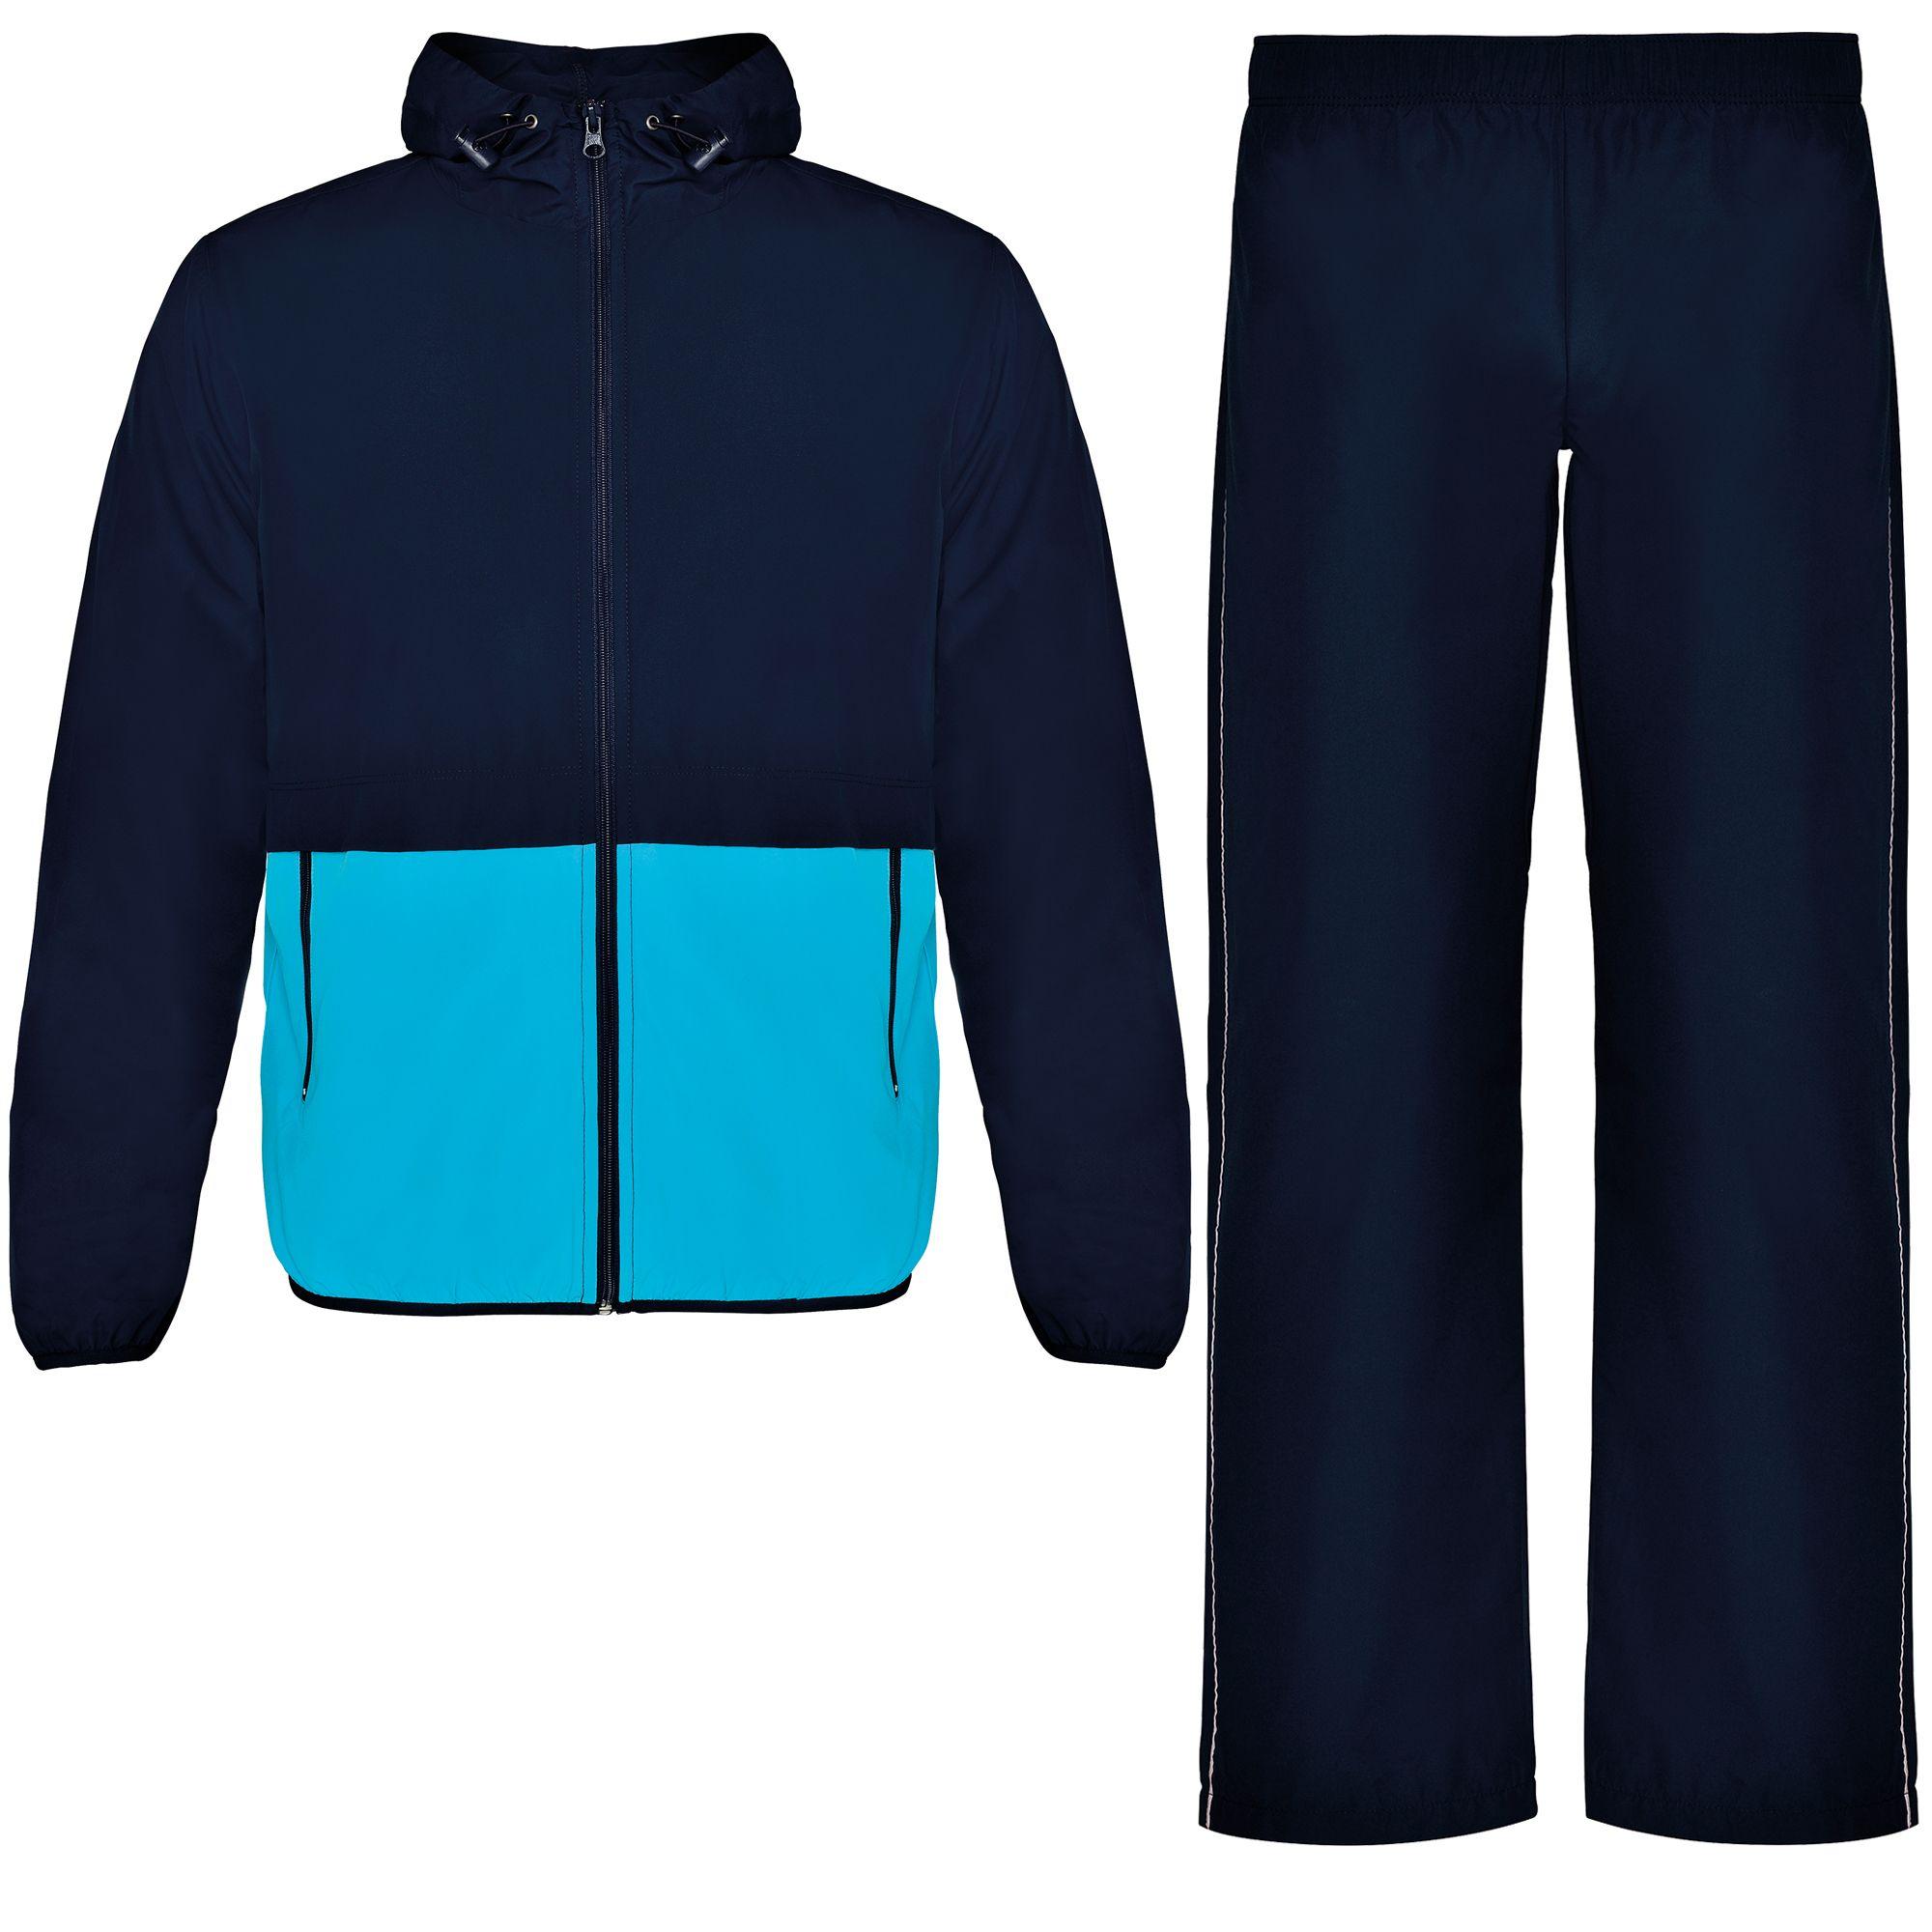 Fato de treino sportwear Minerva (CH0304)   Roly